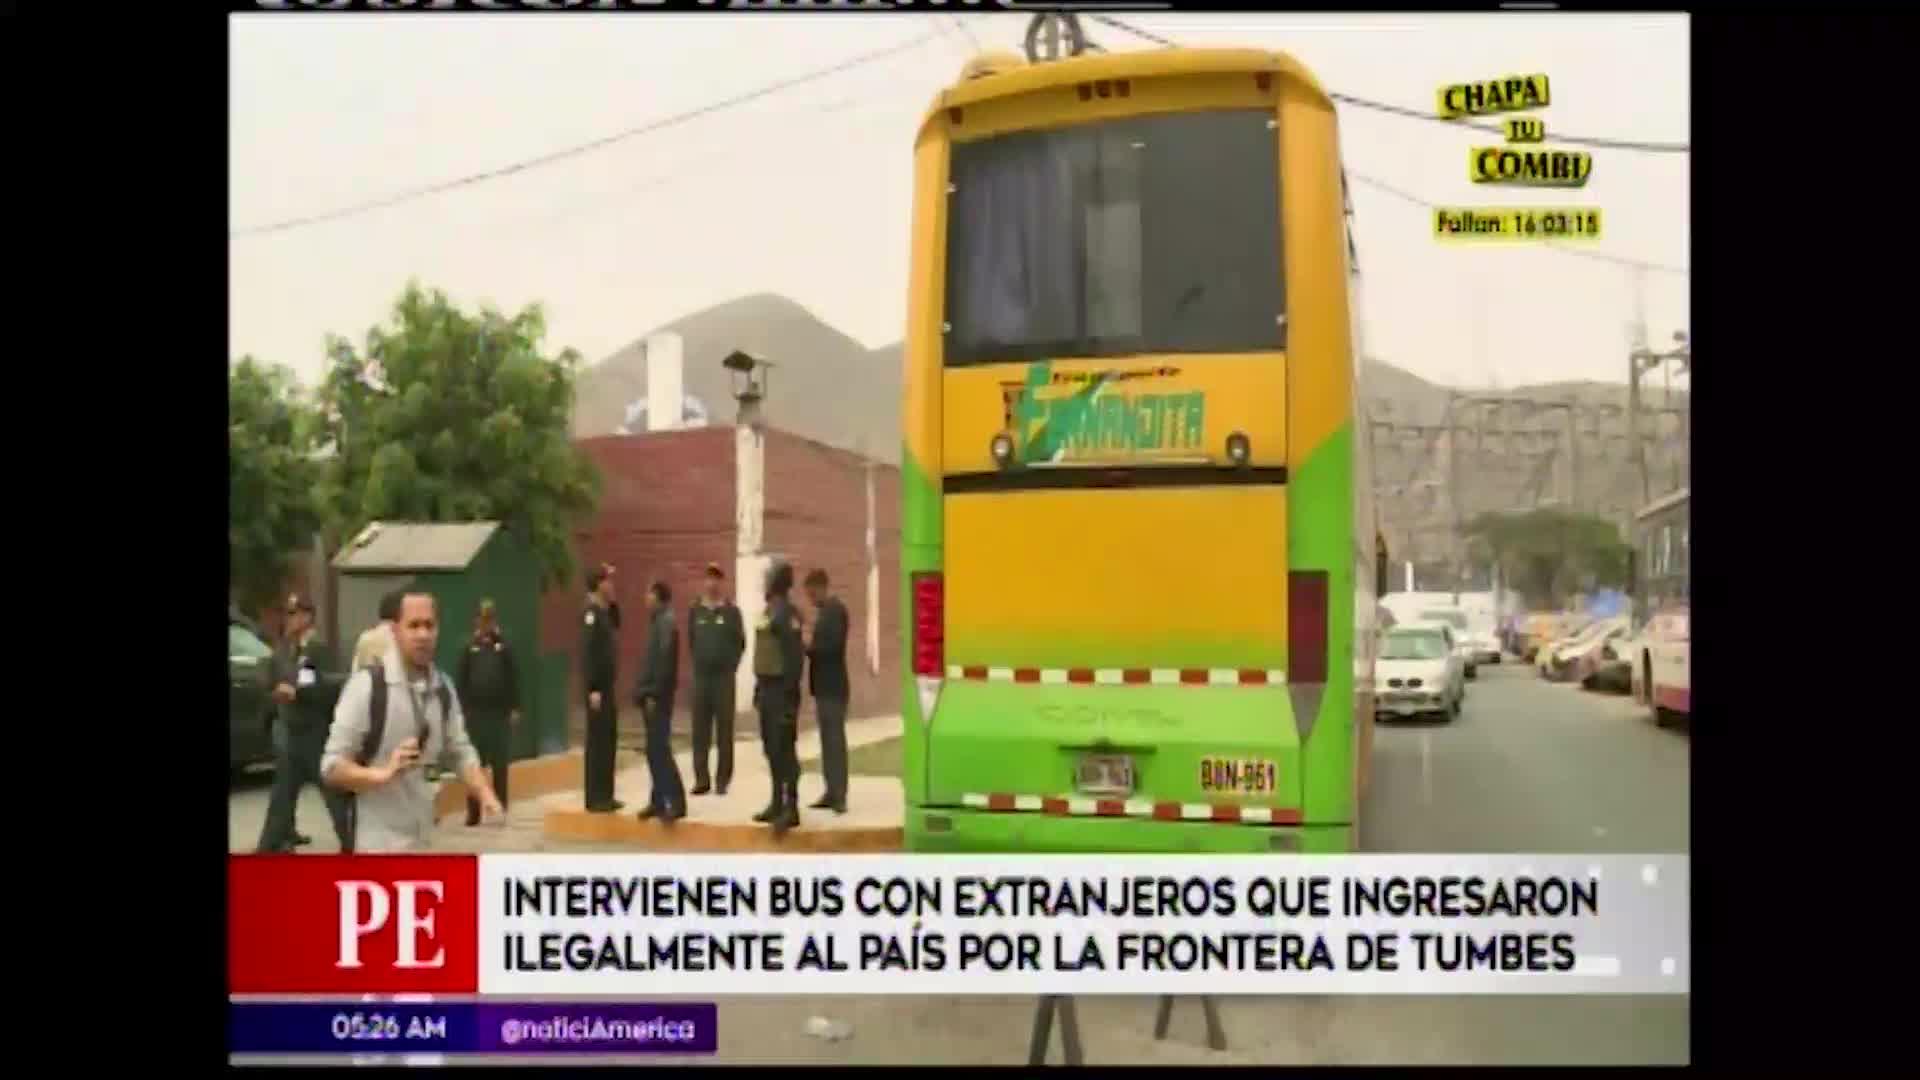 Policía intervino bus que llevaba extranjeros ilegalmente